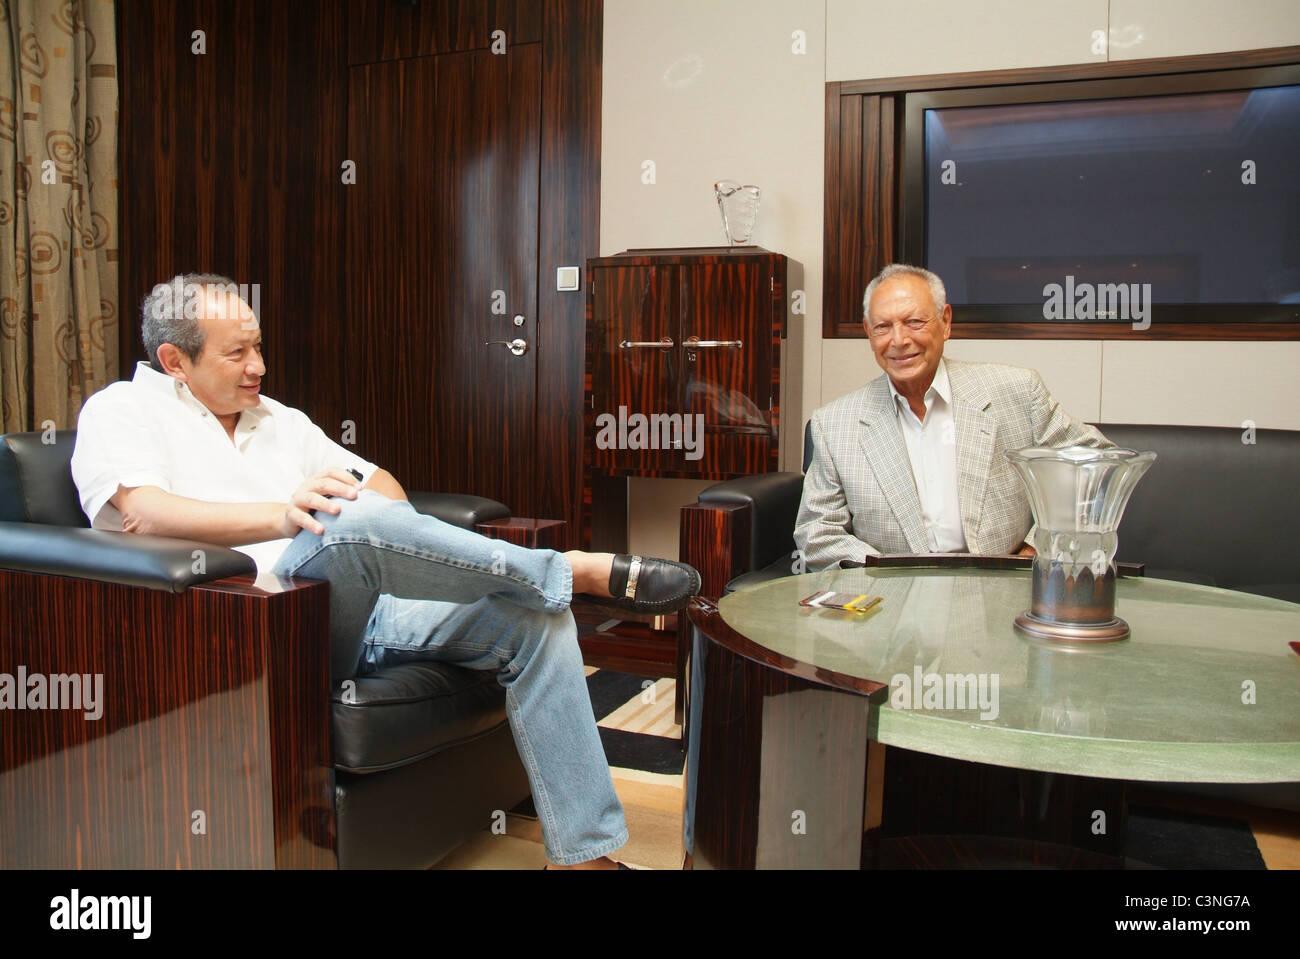 Onsi Sawiris Stock Photos & Onsi Sawiris Stock Images - Alamy